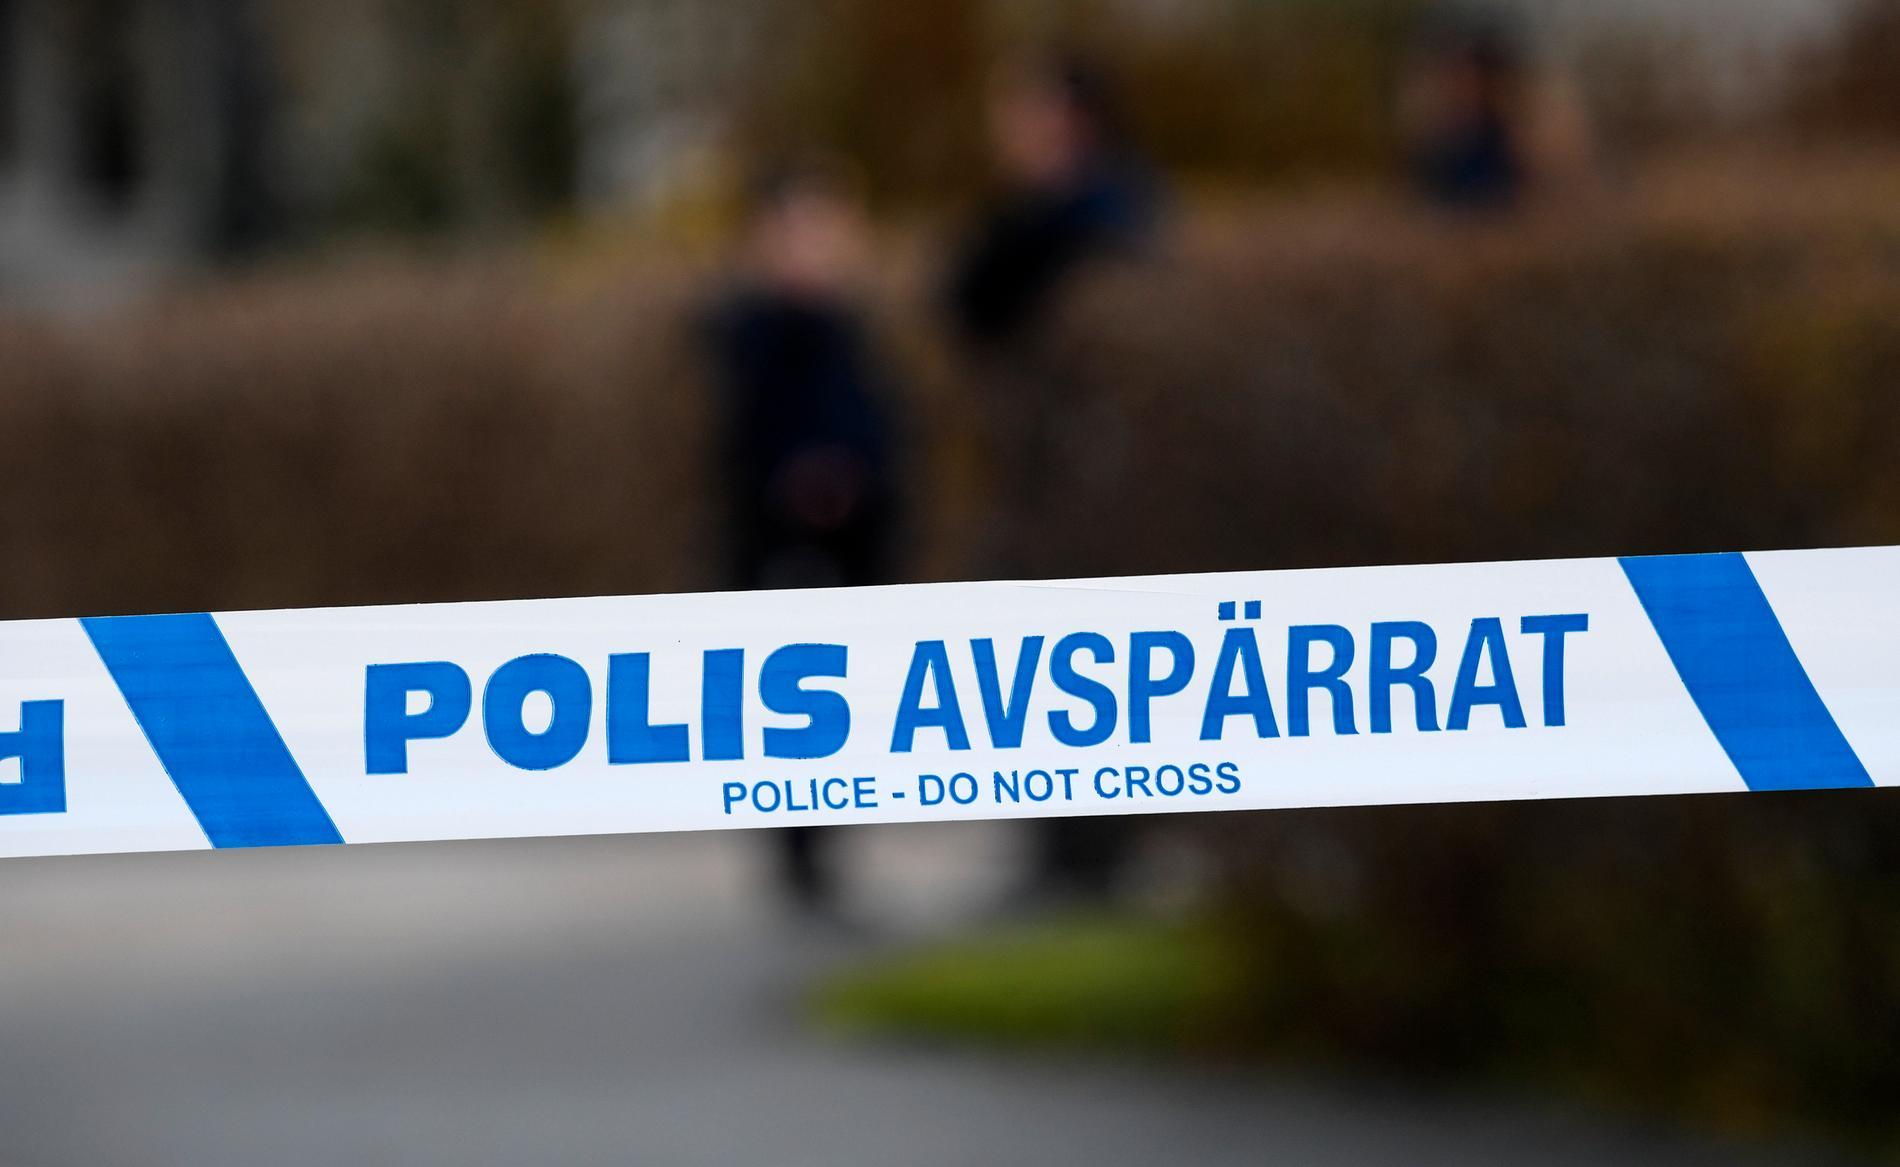 En politiker i Värmland har anhållits misstänkt för våldtäkt mot en kvinna. Arkivbild.